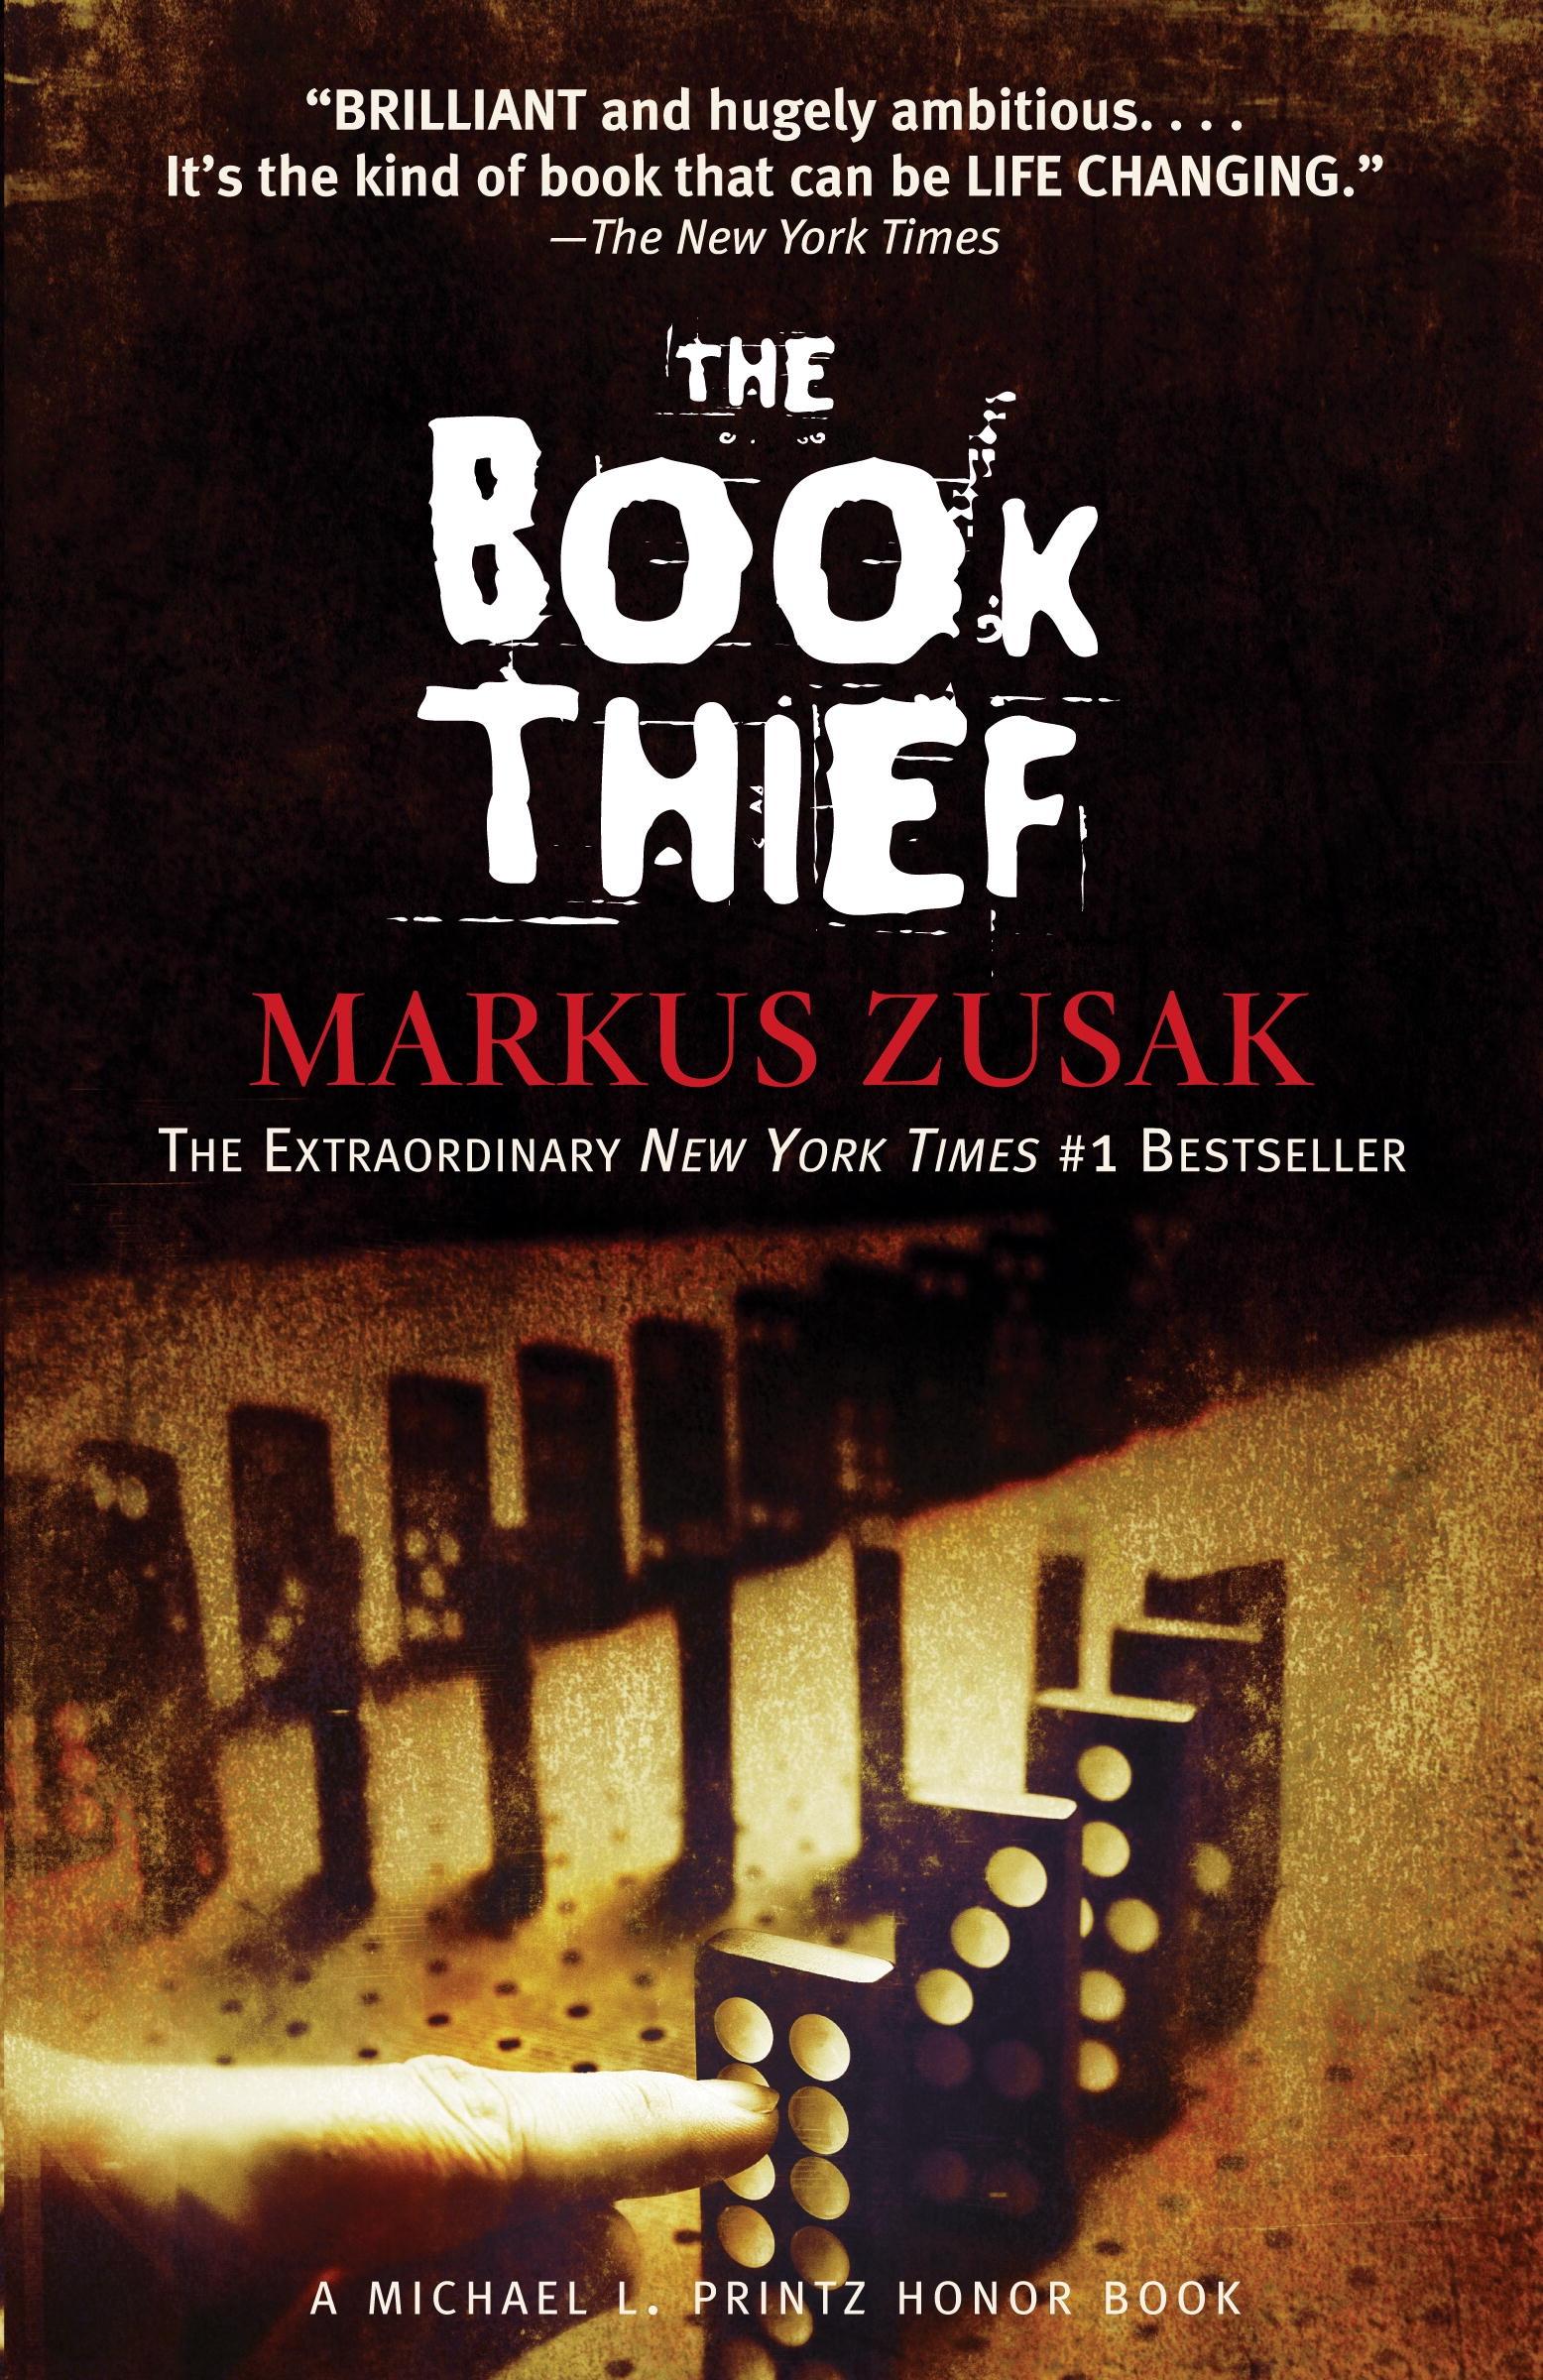 https://i0.wp.com/christinajeter.com/wp-content/uploads/2013/08/the-book-thief-cover.jpg